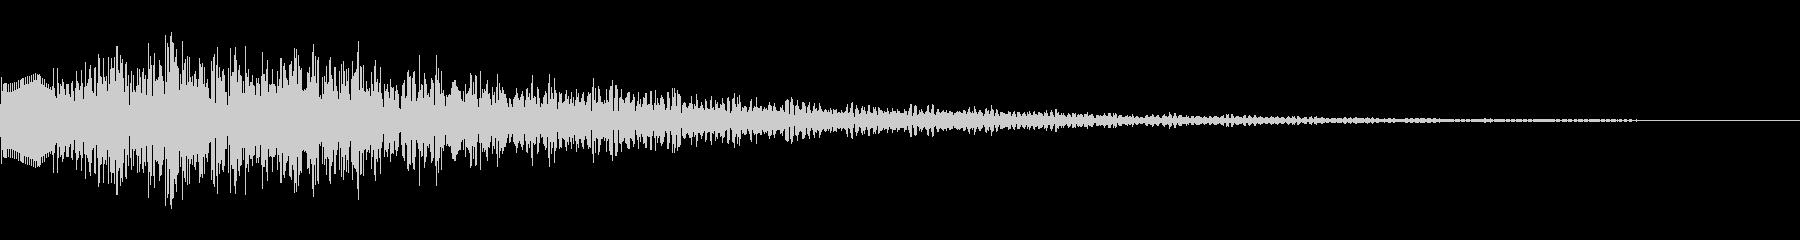 サスペンスっぽい怪しいエレピ音の未再生の波形